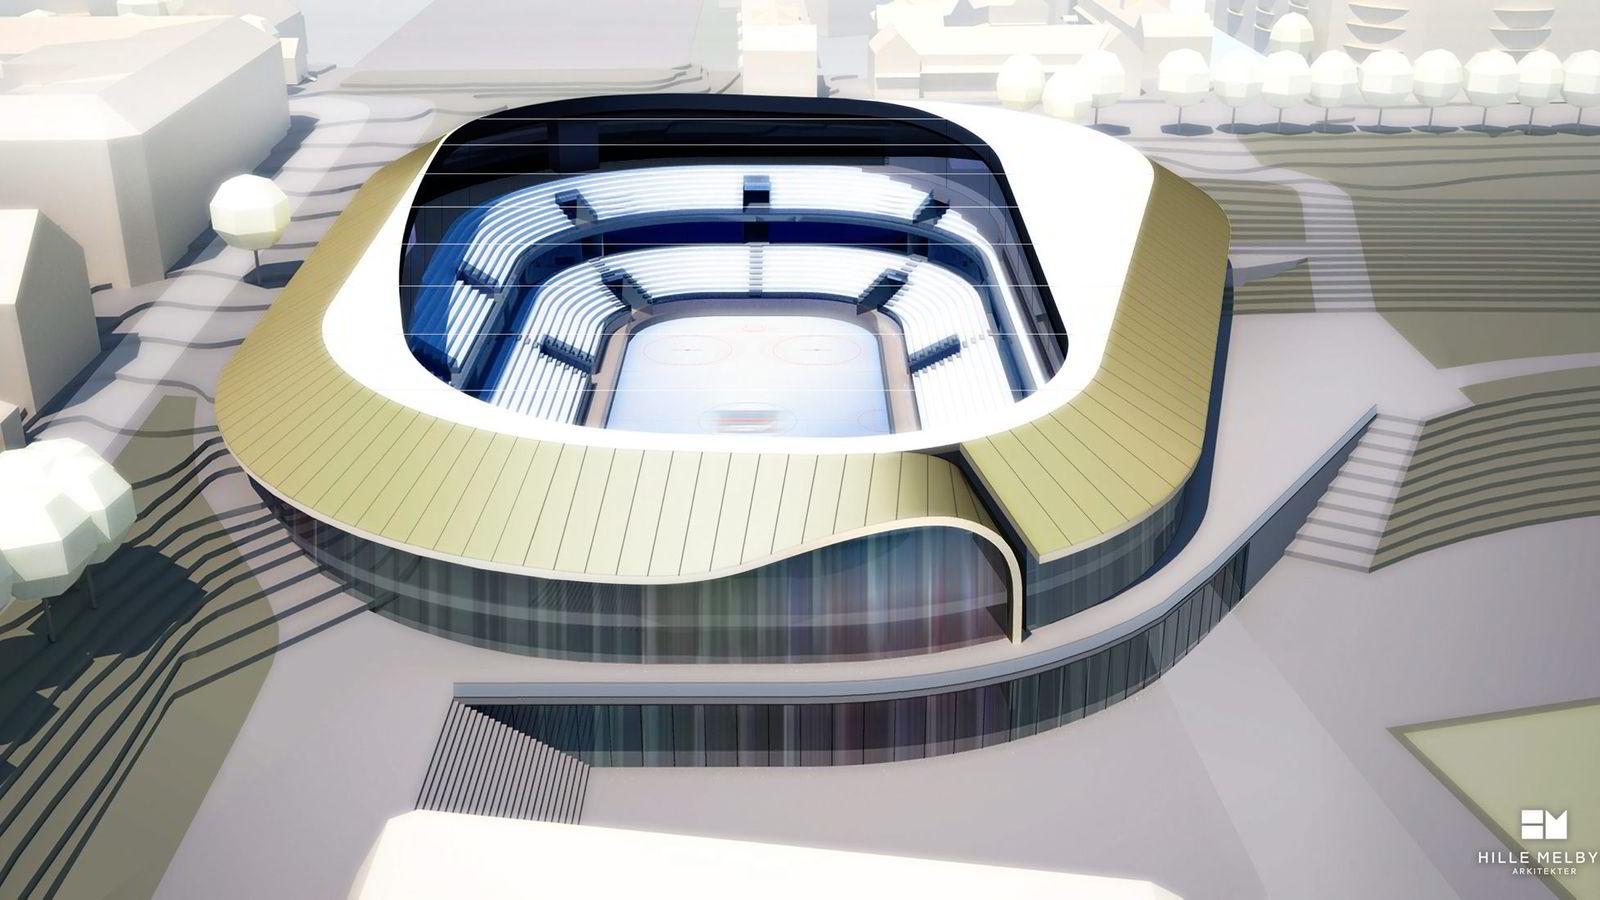 Hvorfor kan ikke Jordal Amfi ishockeyhall (bildet) bygges for 220 millioner kroner, som DNB ishockey-arena i Stavanger kostet? Hallen er budsjettert til å koste 625 millioner kroner. Illustrasjon: Hille Melbye Arkitekter